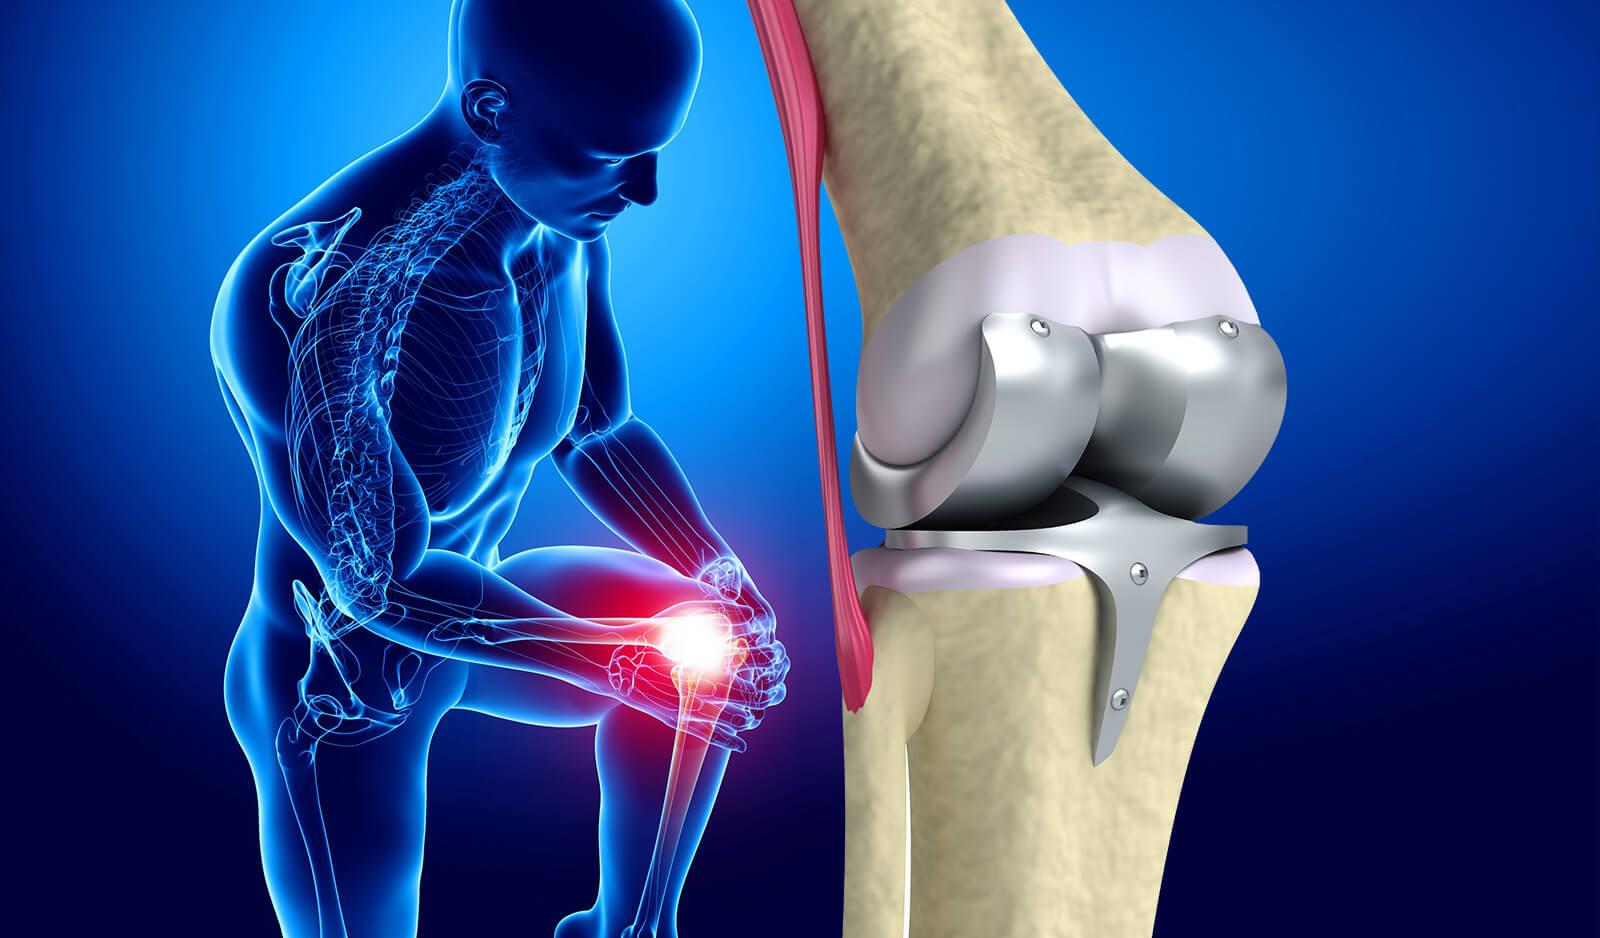 Ортопедия, ревматология и травматология в Германии: лечение позвоночника, суставов и  восстановление после травм в немецких клиниках